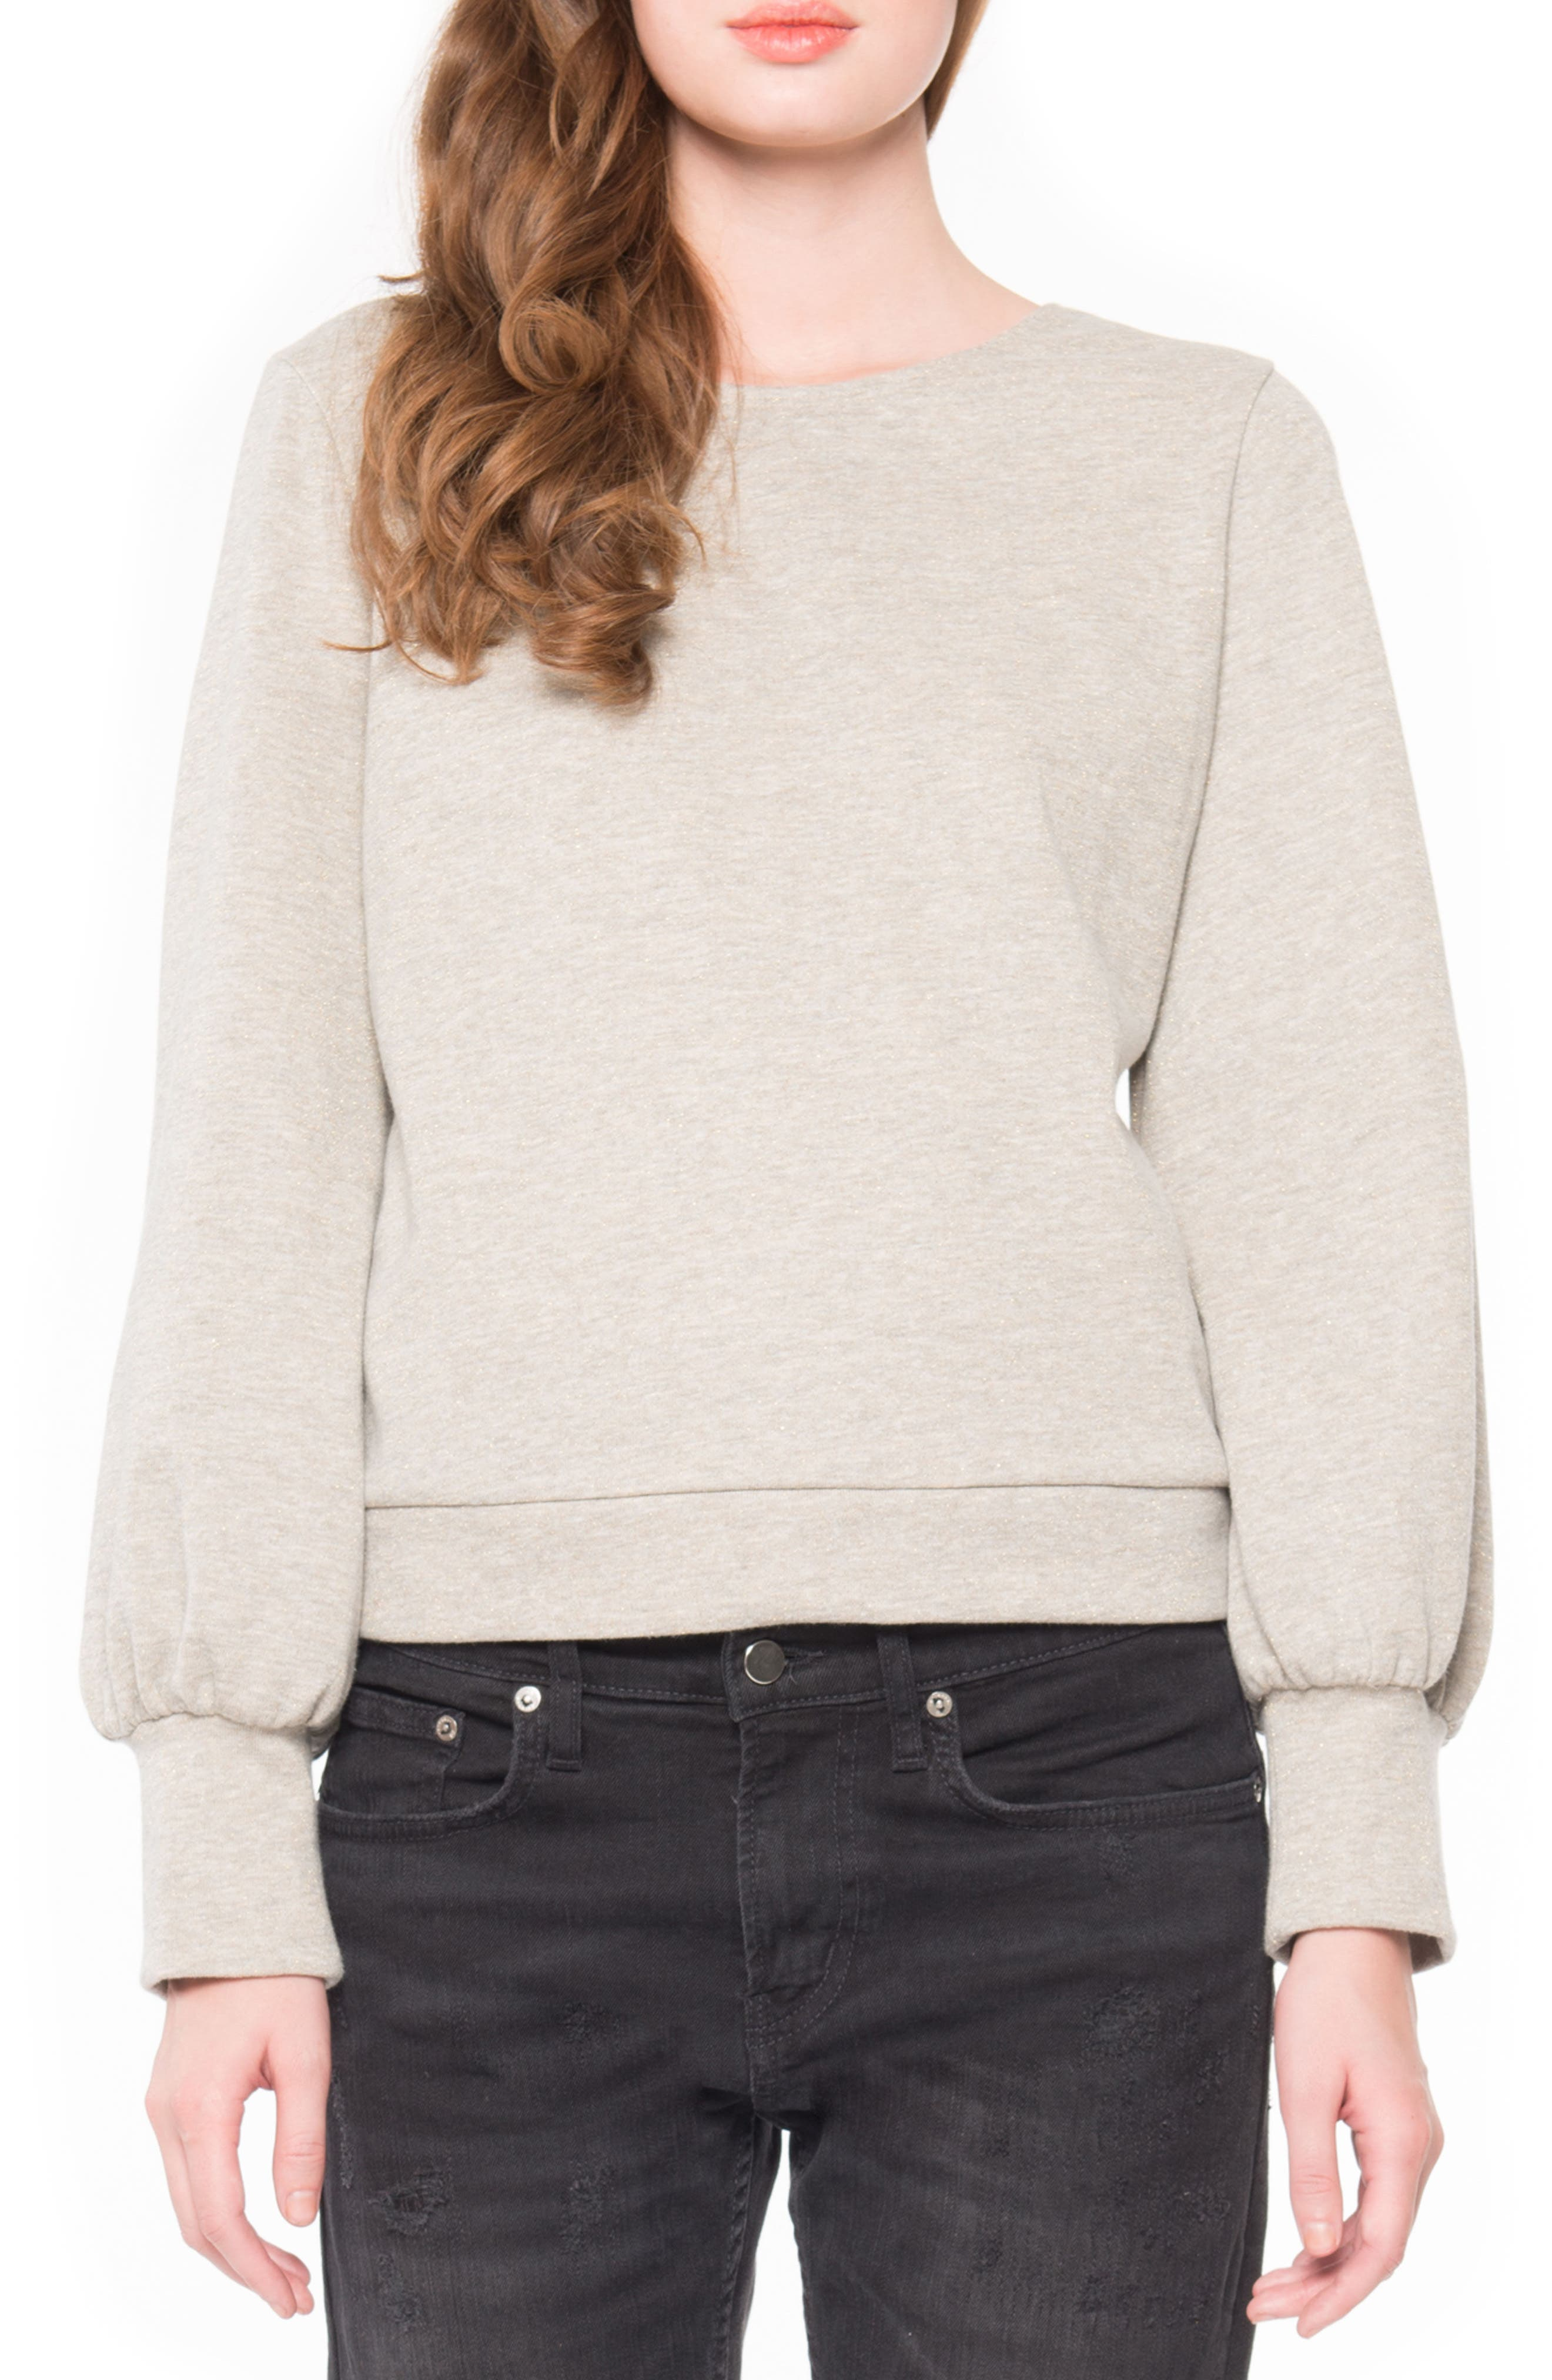 Willow & Clay Tie Back Sweatshirt